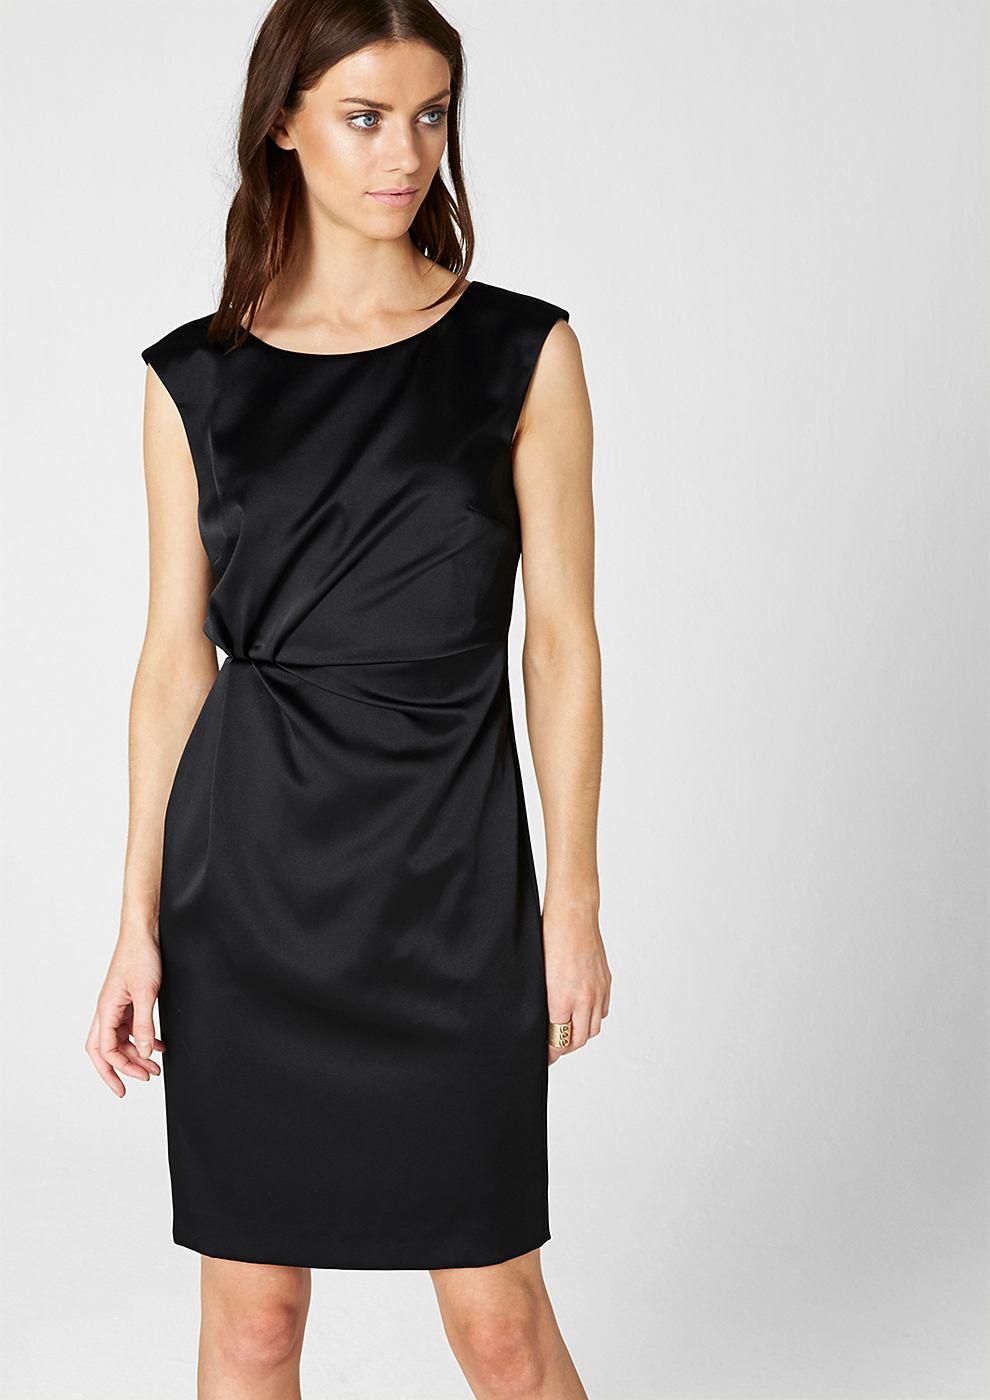 s.Oliver Premium satijnen jurk met drapering rond de taille zwart